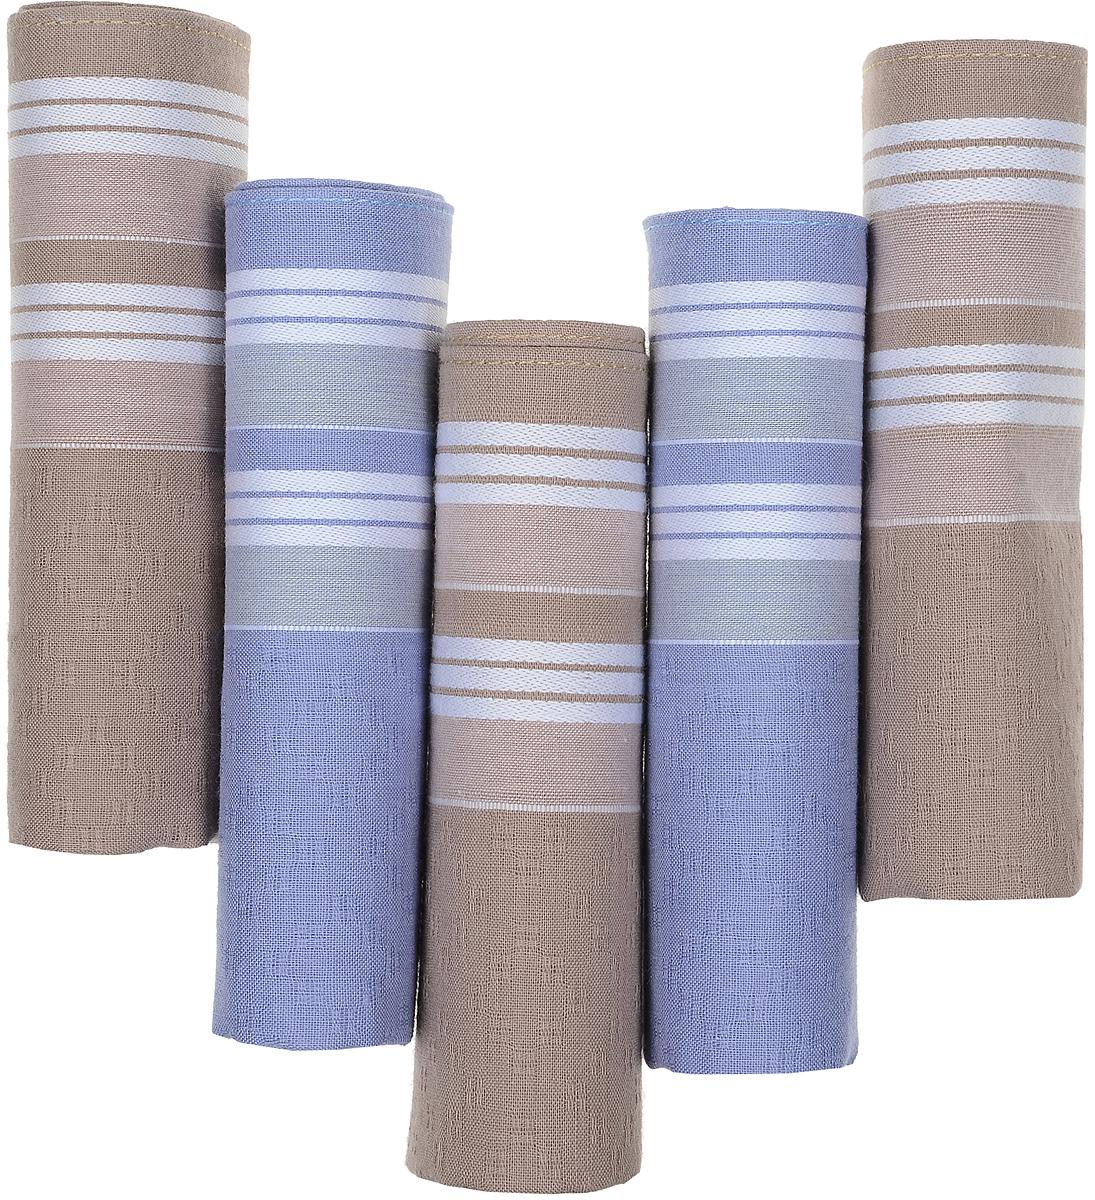 Платок носовой мужской Zlata Korunka, цвет: коричневый, синий, 5 шт. 90512-7. Размер 29 см х 29 см90512-7Оригинальный мужской носовой платок Zlata Korunka изготовлен из высококачественного натурального хлопка, благодаря чему приятен в использовании, хорошо стирается, не садится и отлично впитывает влагу. Практичный и изящный носовой платок будет незаменим в повседневной жизни любого современного человека. Такой платок послужит стильным аксессуаром и подчеркнет ваше превосходное чувство вкуса. В комплекте 5 платков.